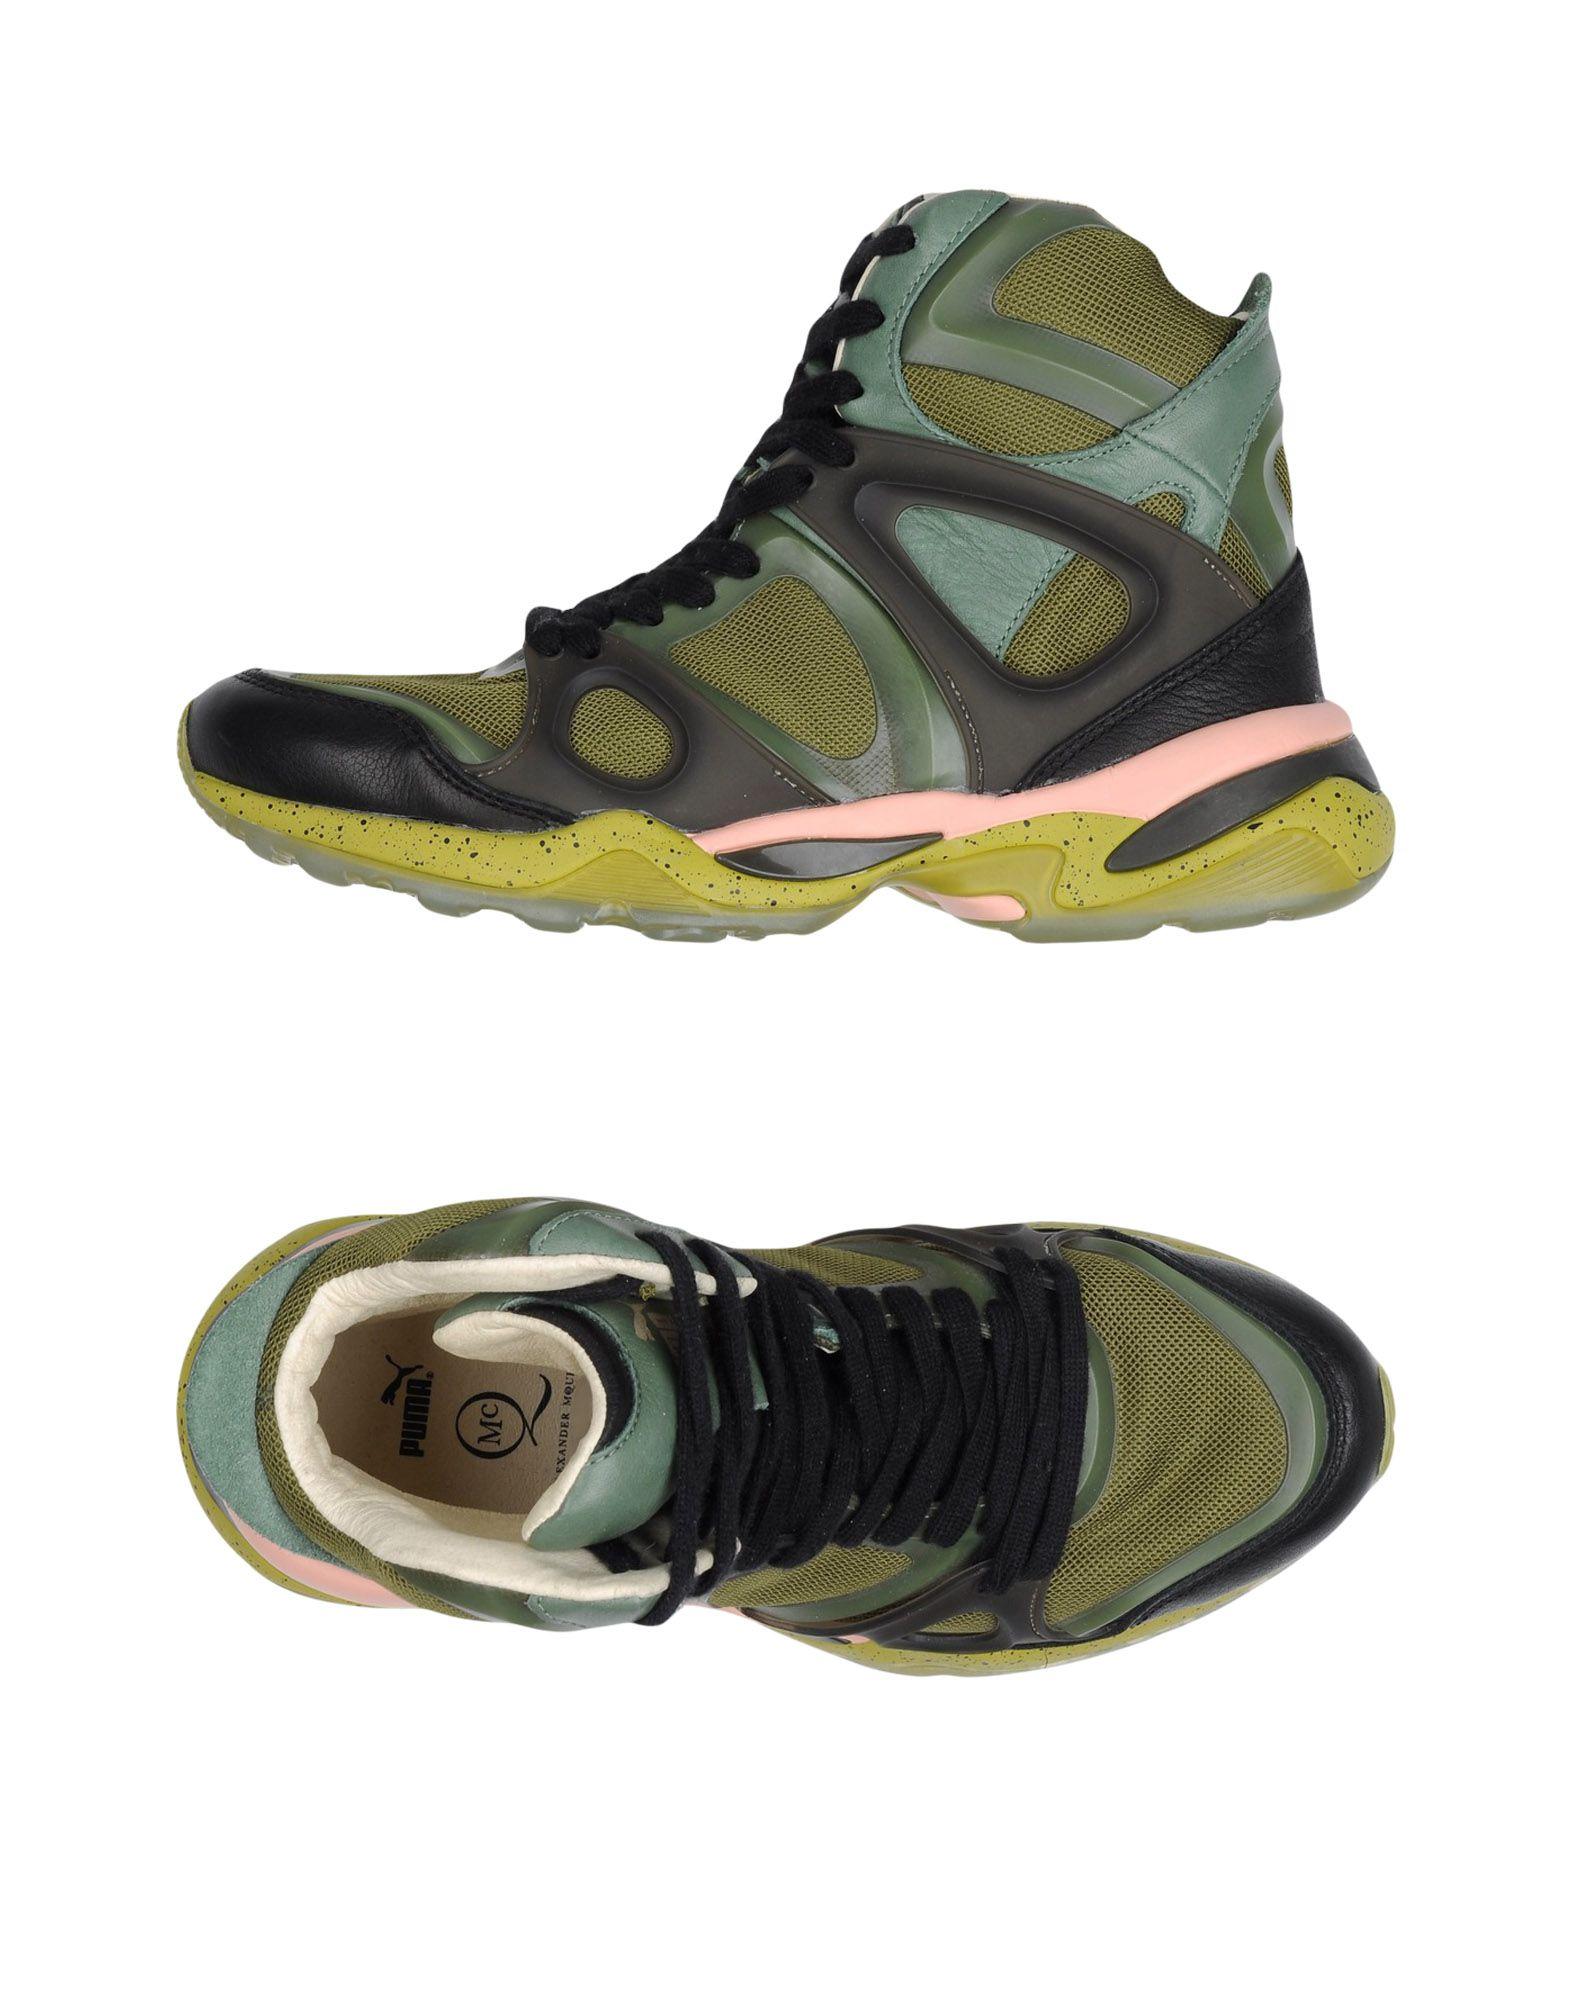 Alexander Mcqueen Puma Sneakers Herren  11257088UT Gute Qualität beliebte Schuhe